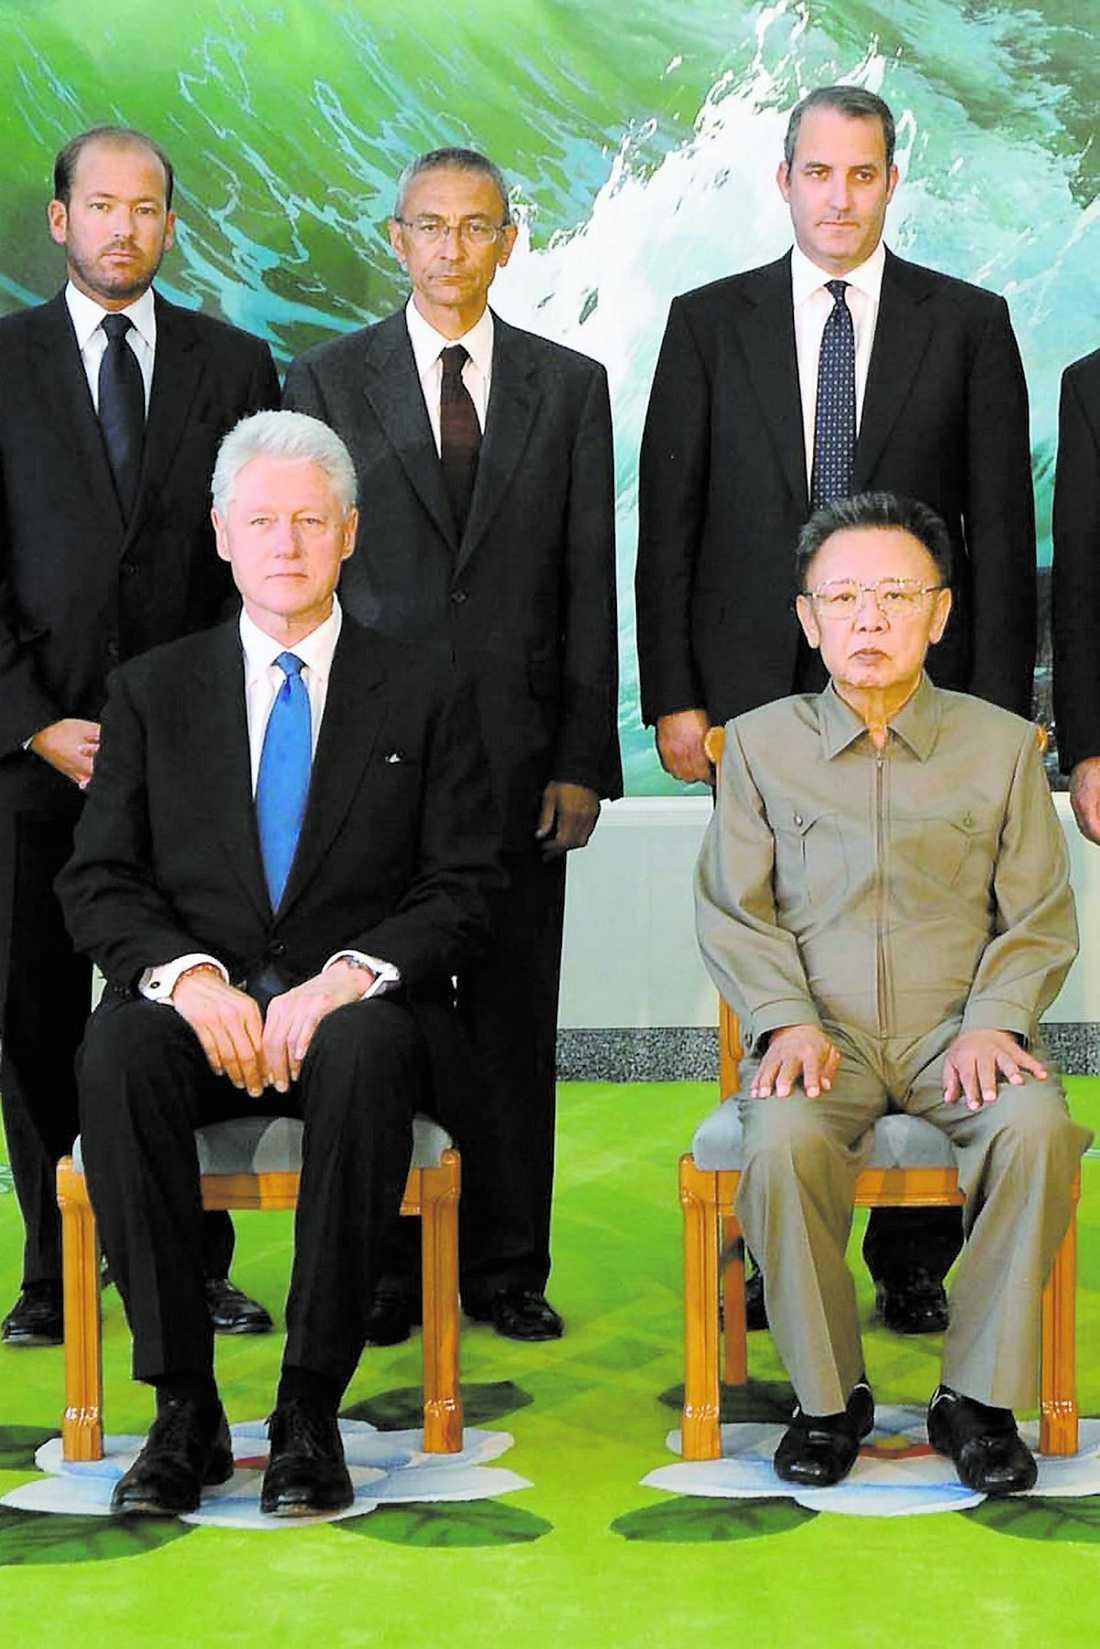 Bad om ursäkt Bill Clinton bad Kim Jong Il om ursäkt för journalisternas handlingar. Därefter var saken utagerad och Laura Ling och Euna Lee benådades.